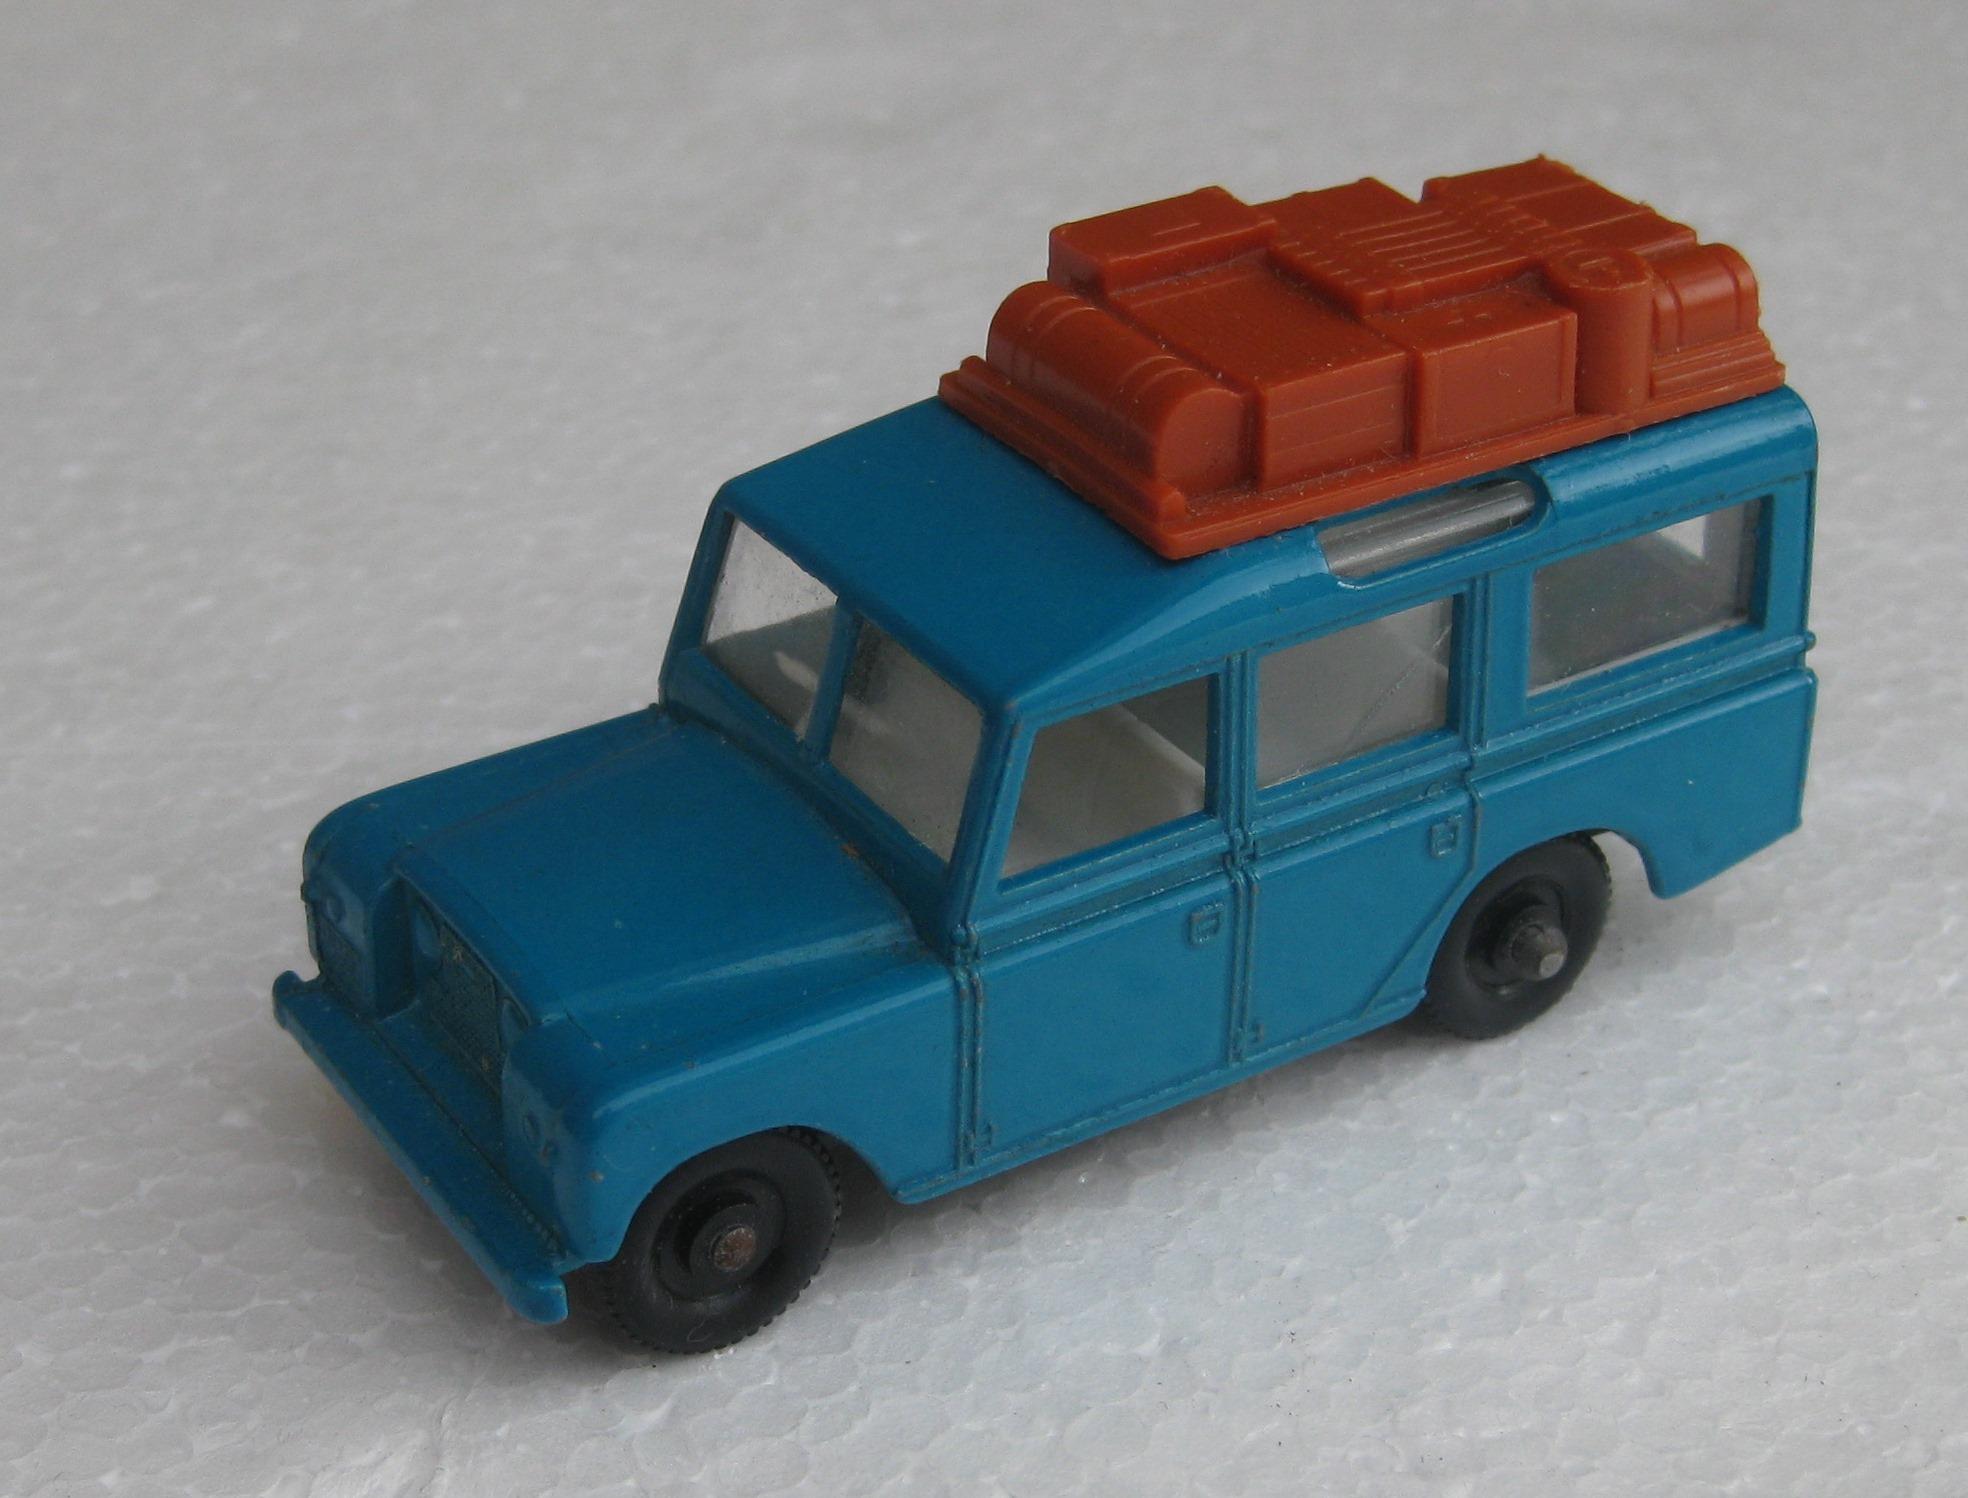 Land Rover Safari Matchbox Cars Wiki